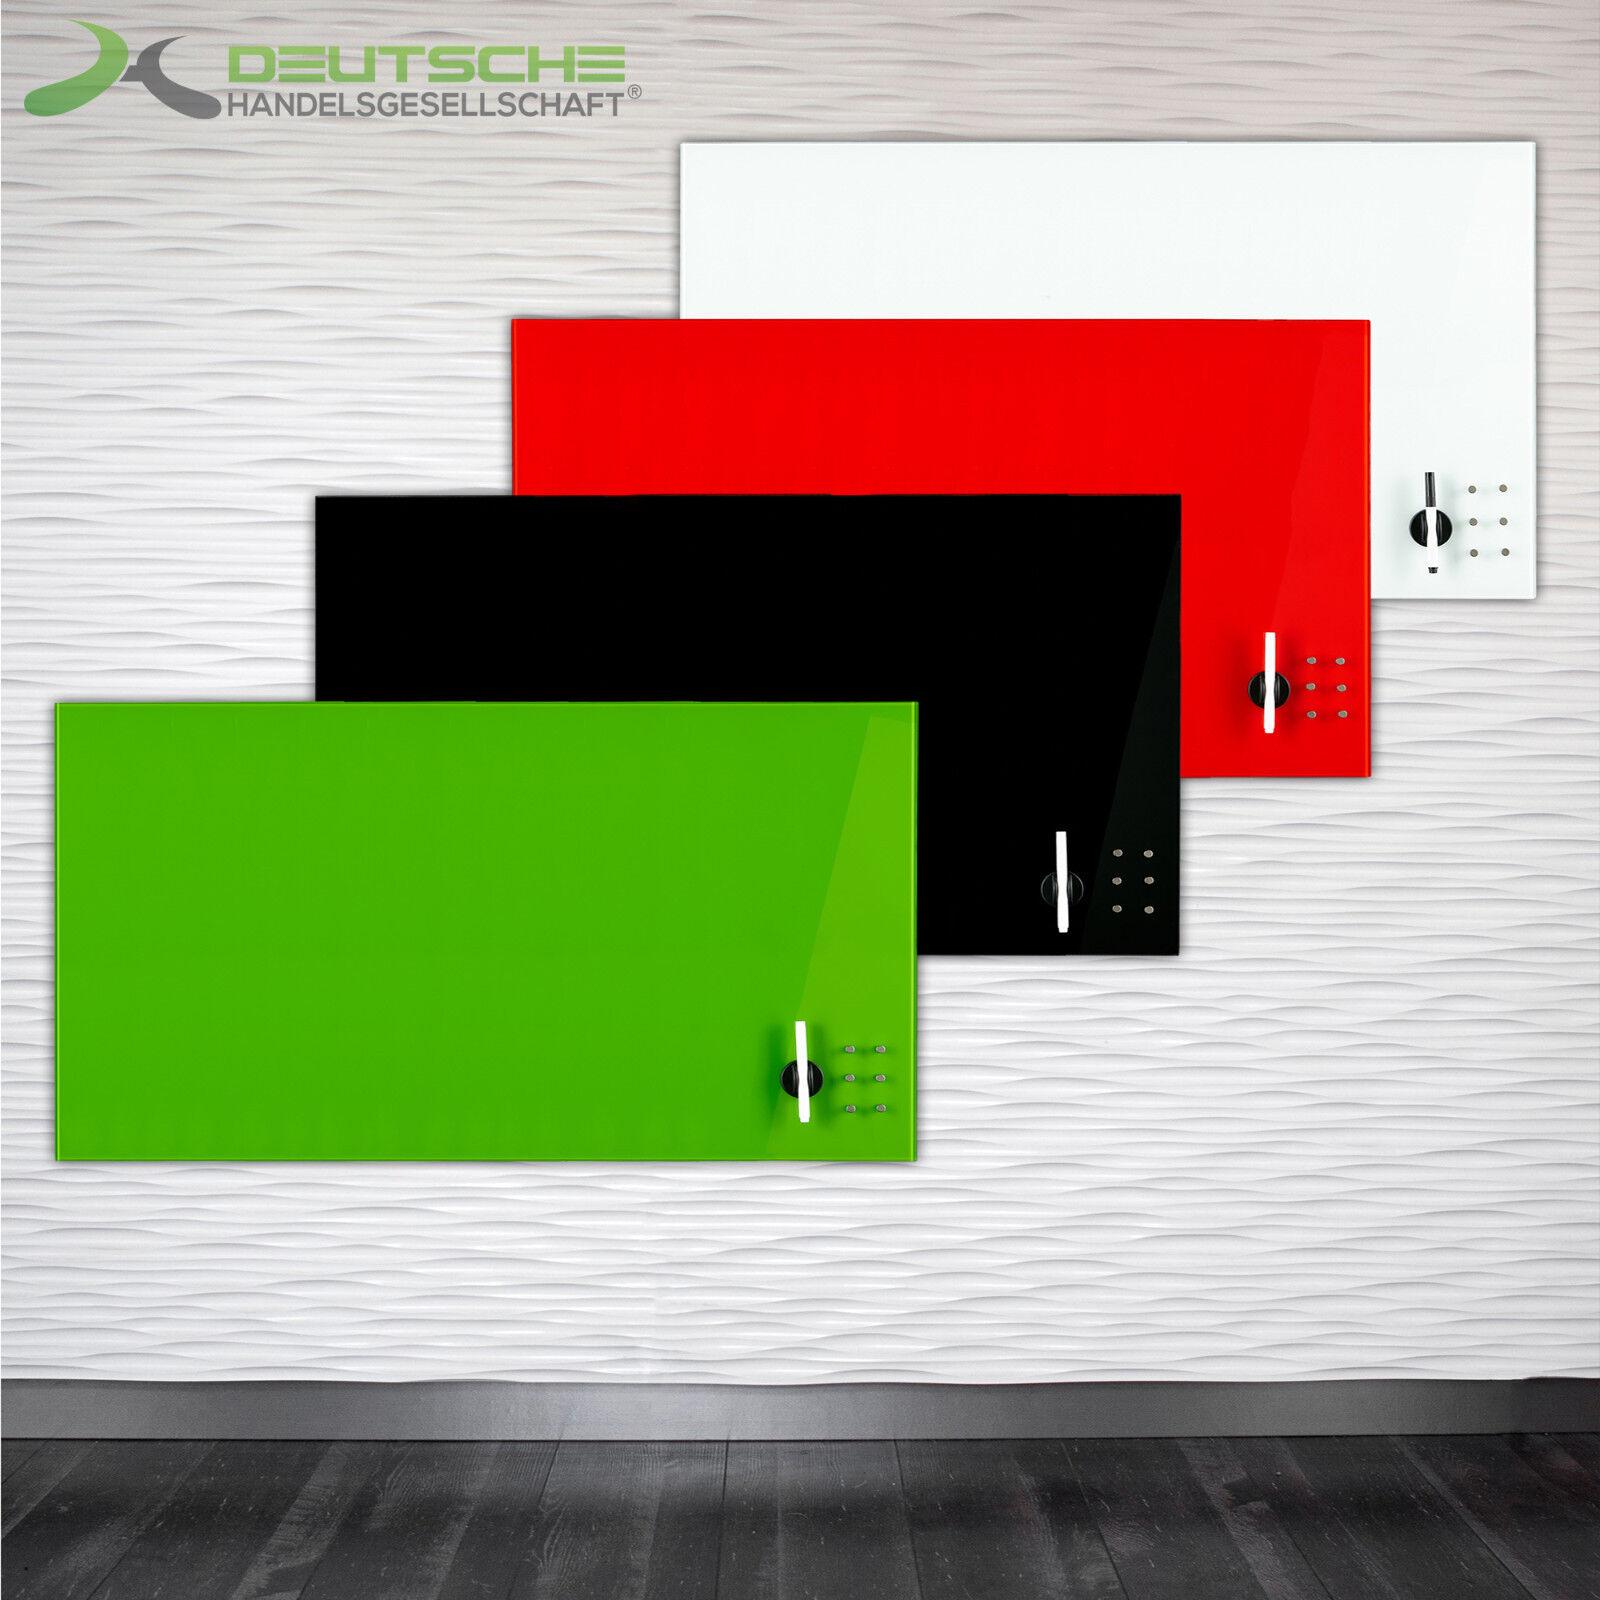 Glas Glasboard Tafel Magnetwand Magnet Memoboard viele Größen Schreibtafel Board